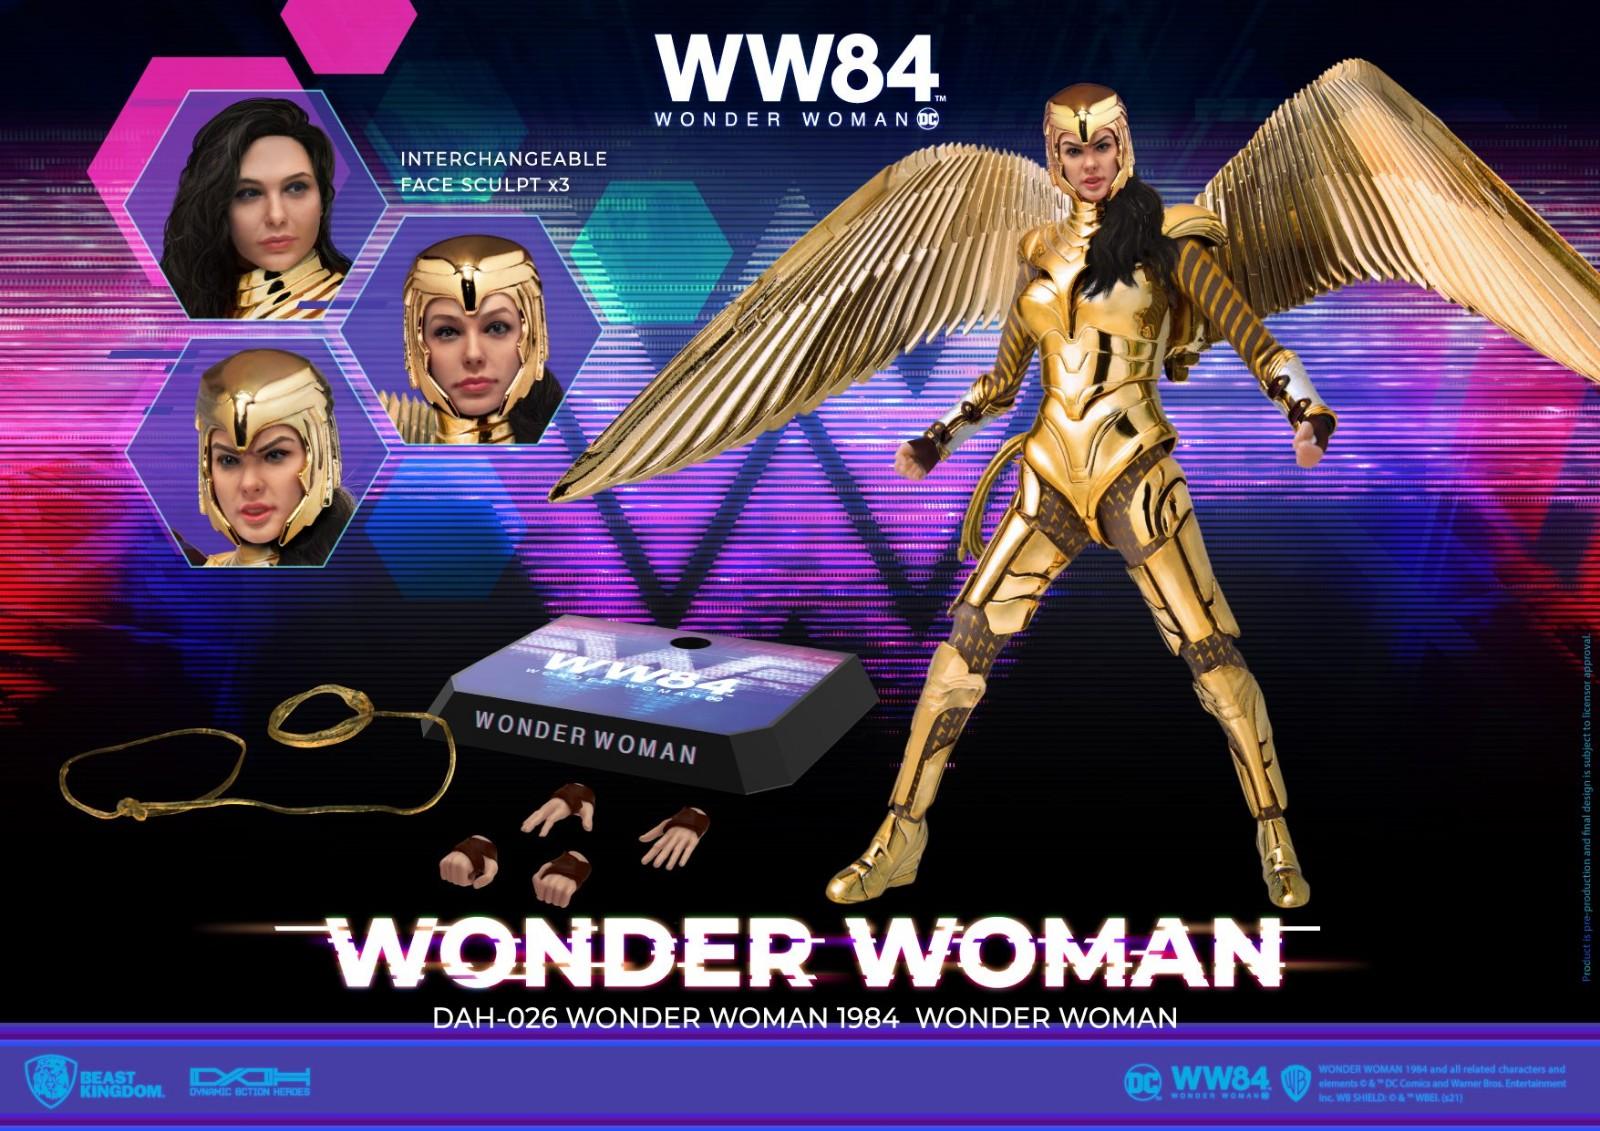 台湾厂商野兽国推出《神奇女侠1984》1/9金鹰战甲雕像 售价110美元